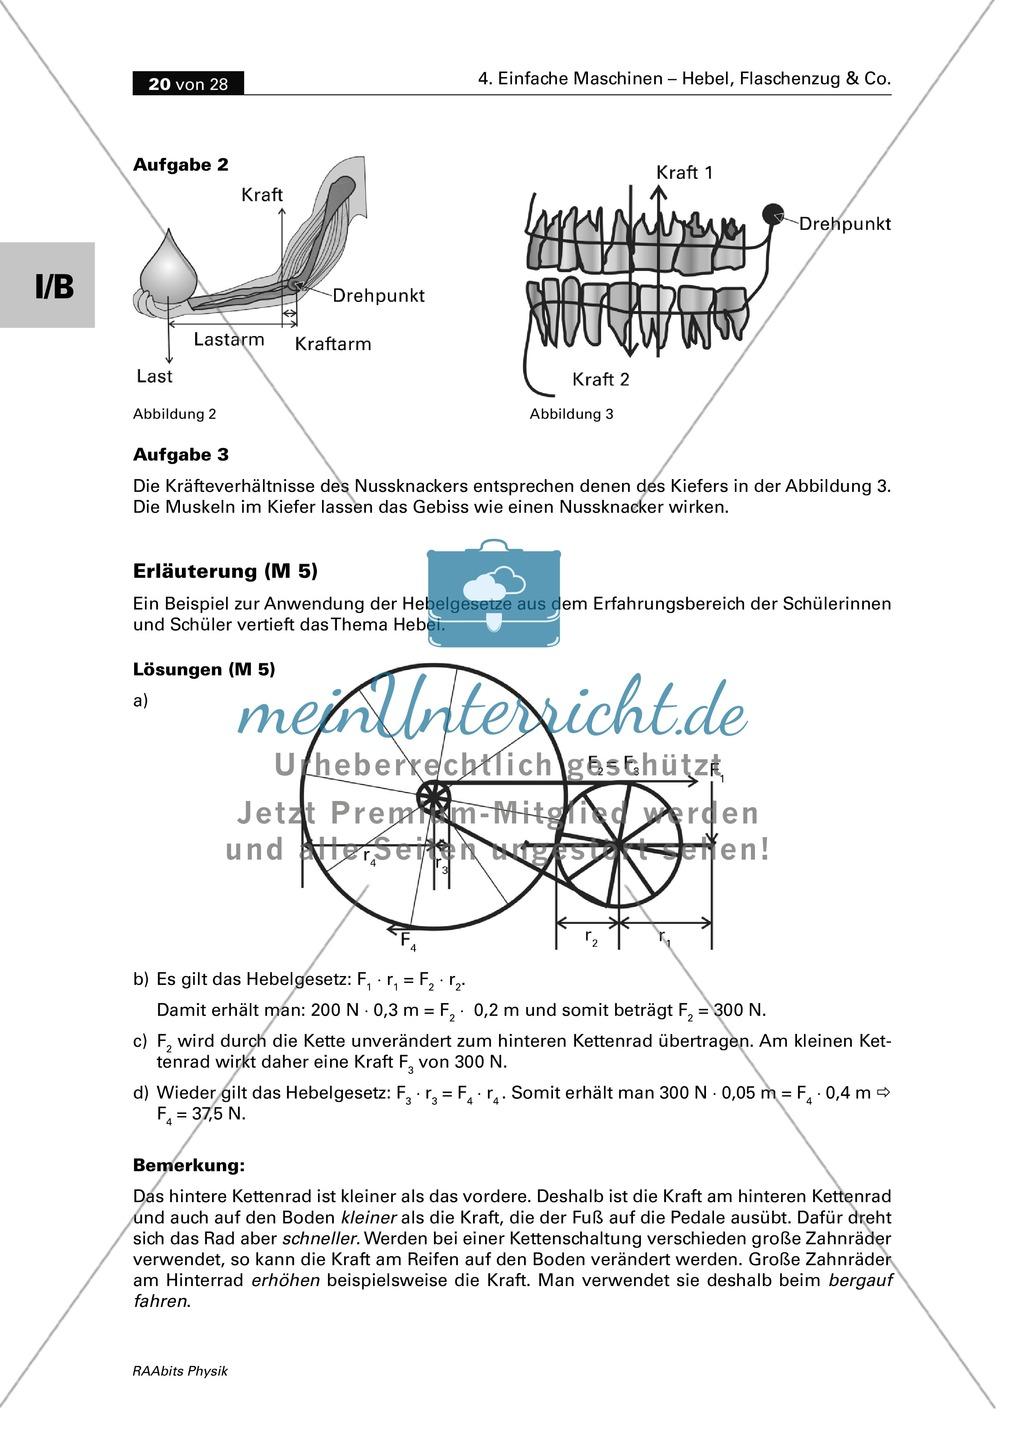 Schön Arbeitsblatt Auf Einfache Maschinen Für Klasse 5 Bilder ...